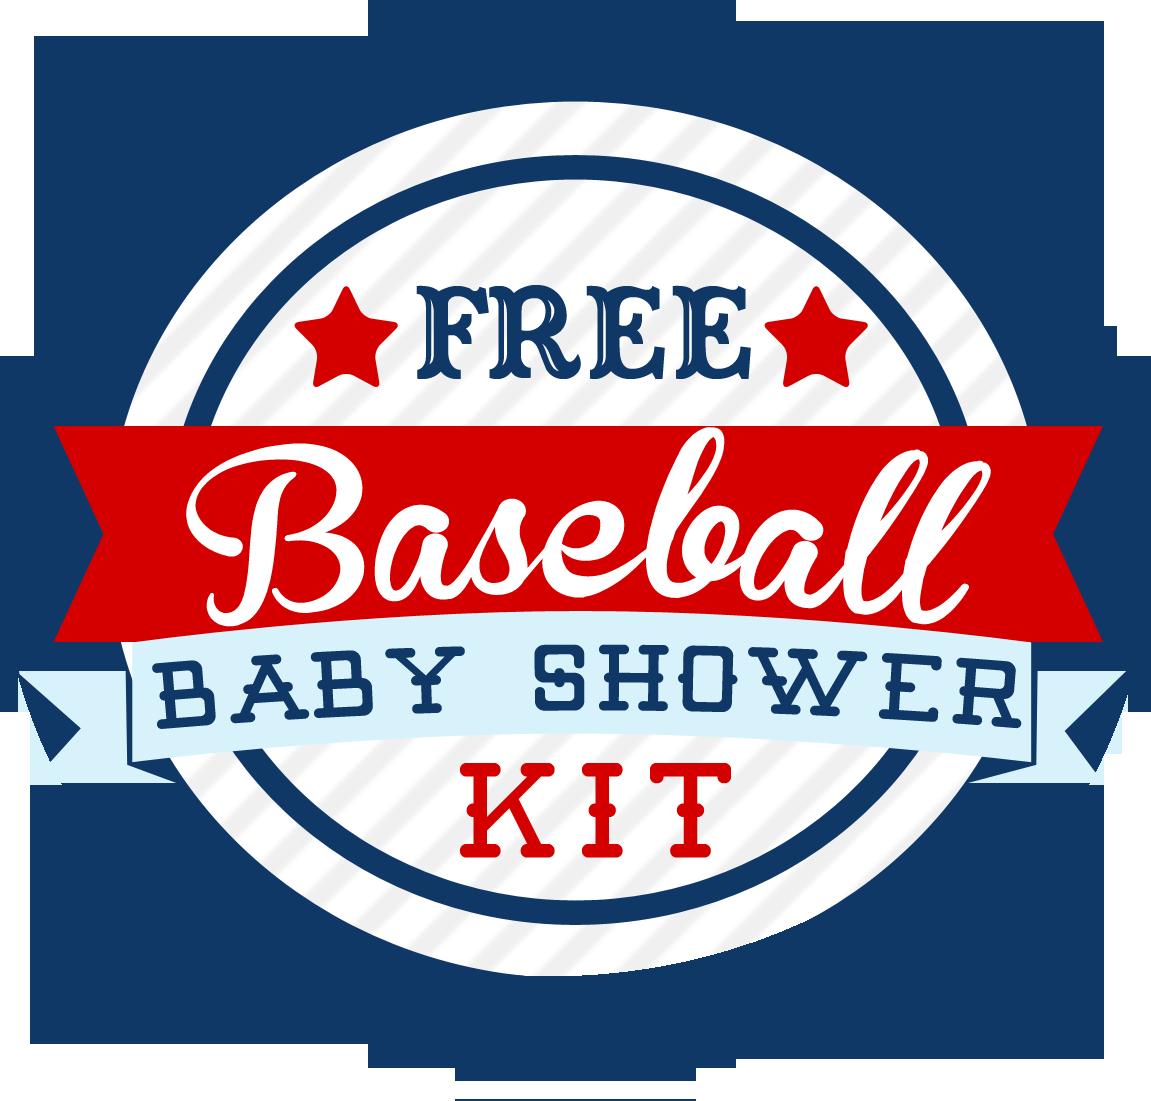 Baseball Themed Baby Shower Kit Free